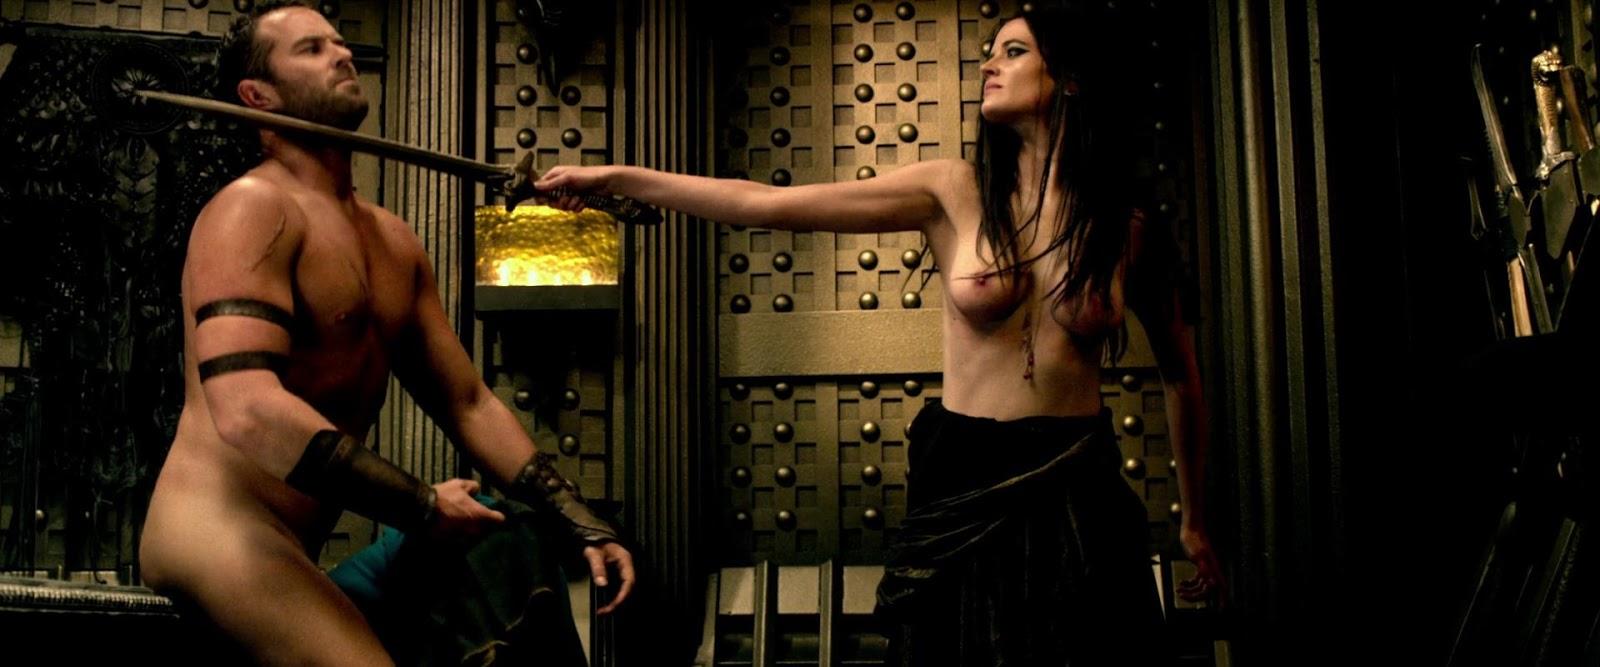 порно фото спартанцев